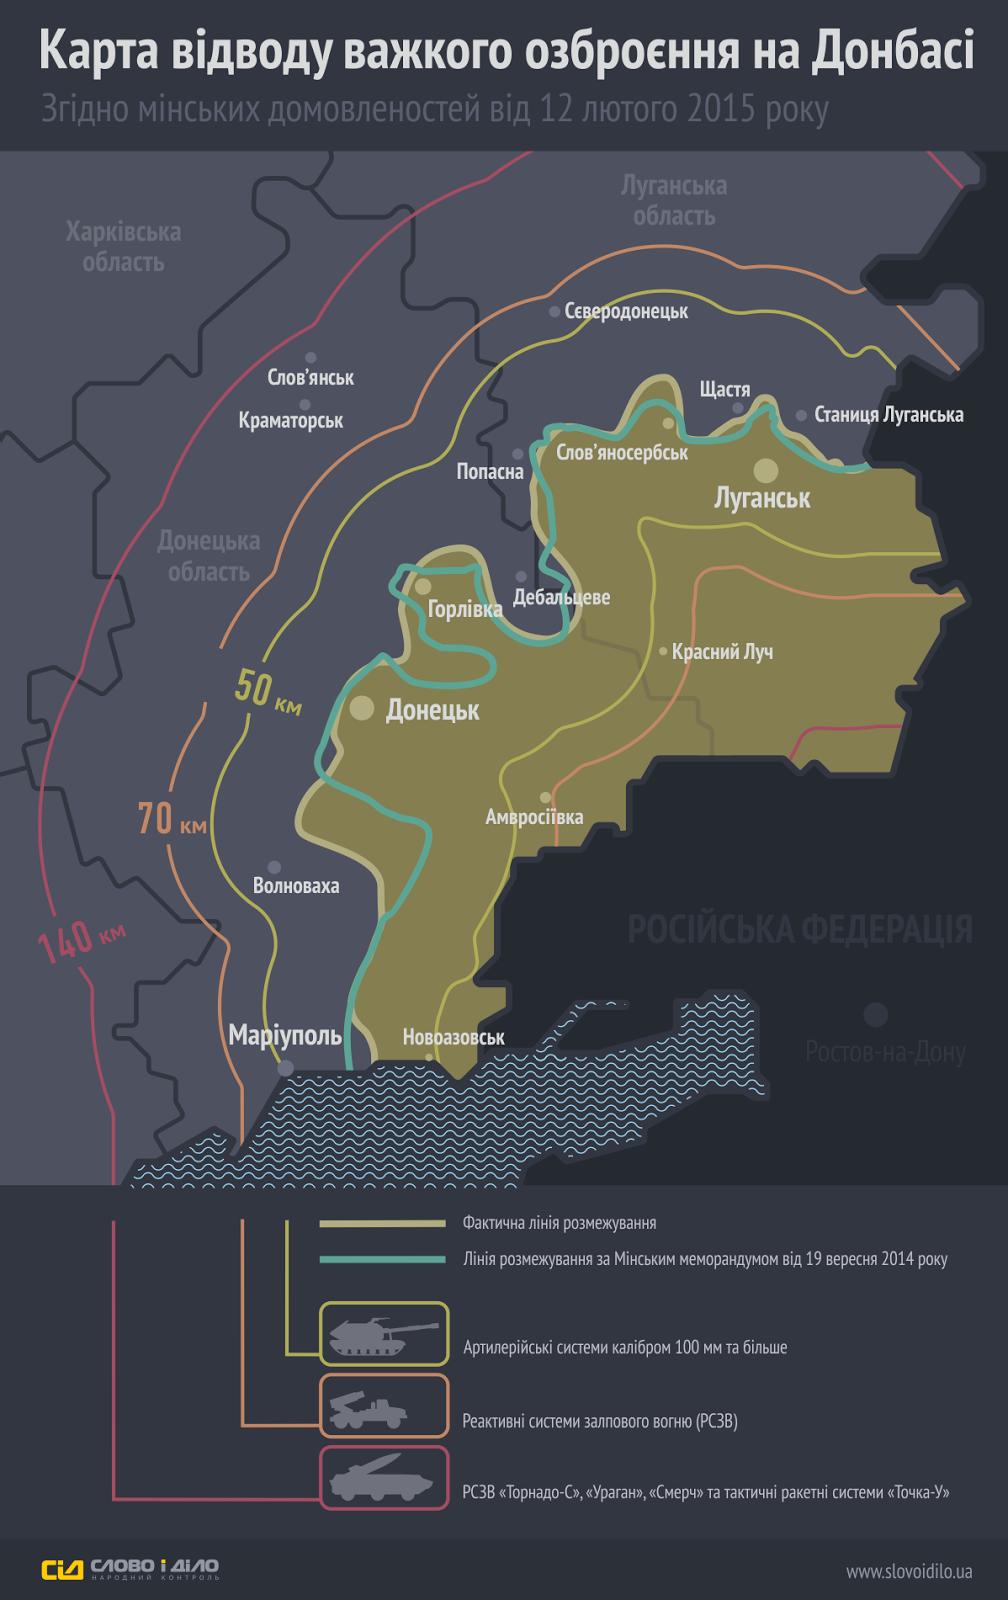 Лінія відводу озброєння згідно мінських домовленностей в України